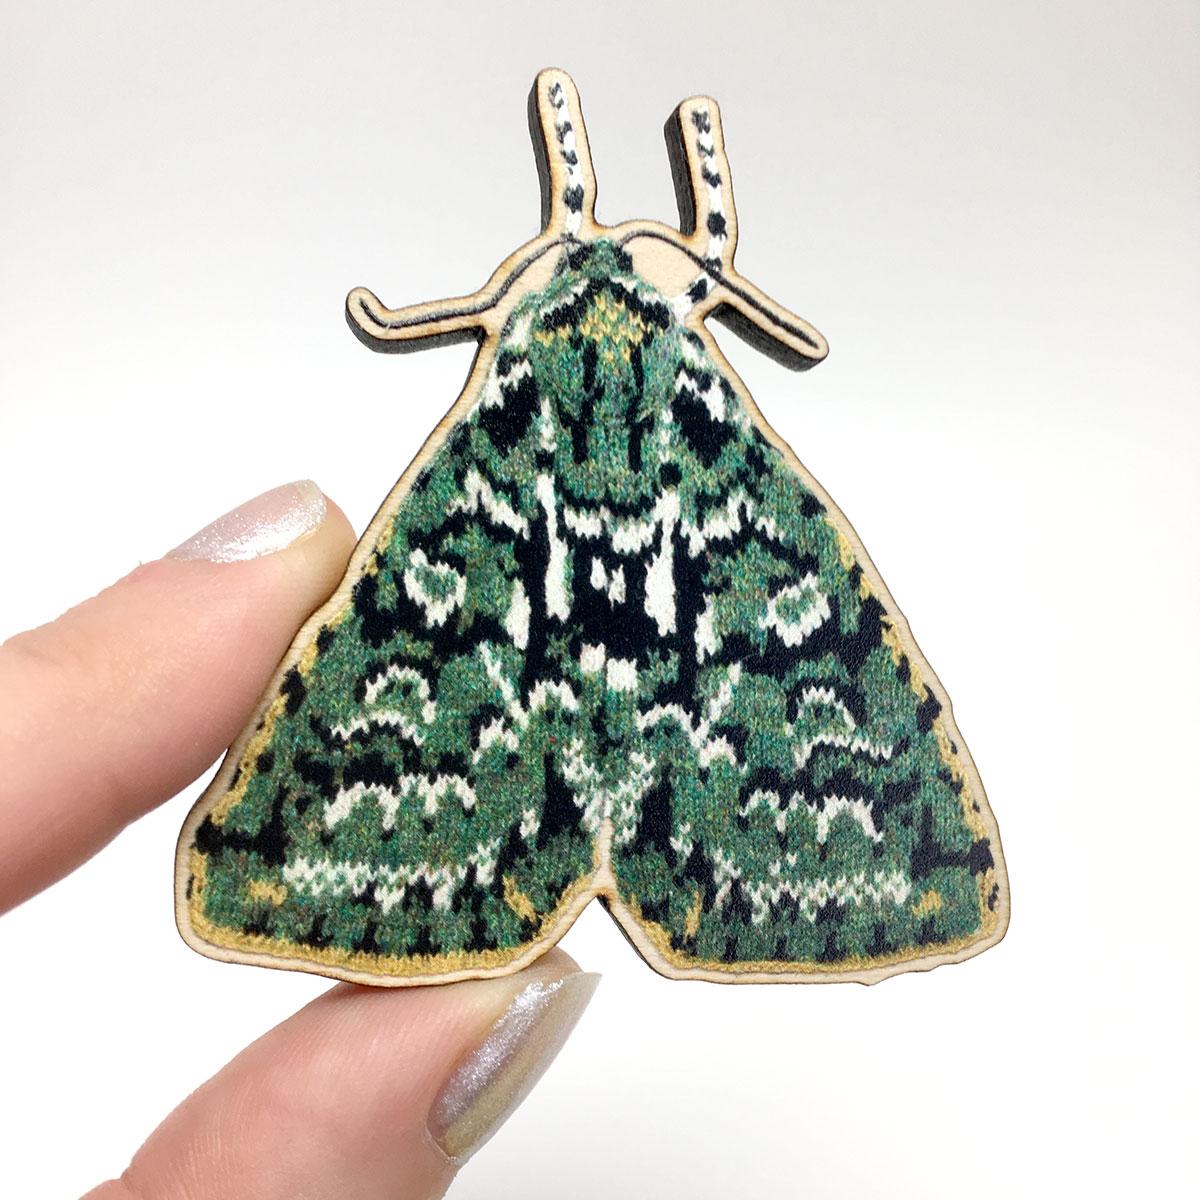 merveille du jour moth wooden pin or magnet. Black Bedroom Furniture Sets. Home Design Ideas